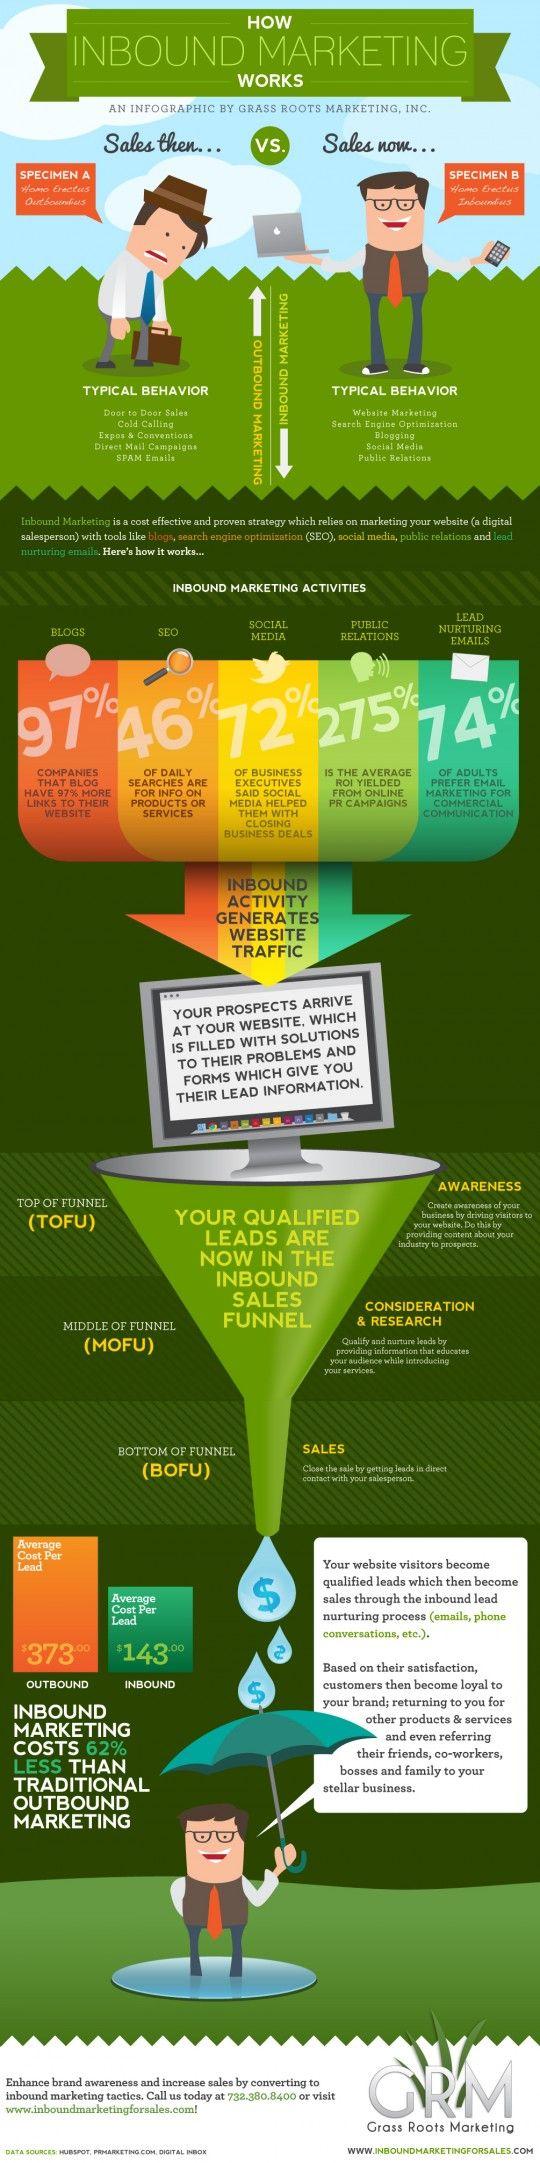 How Inbound Marketing Works ? http://www.hostiee.com/inbound-marketing-works/  #inboundmarketing #hostiee